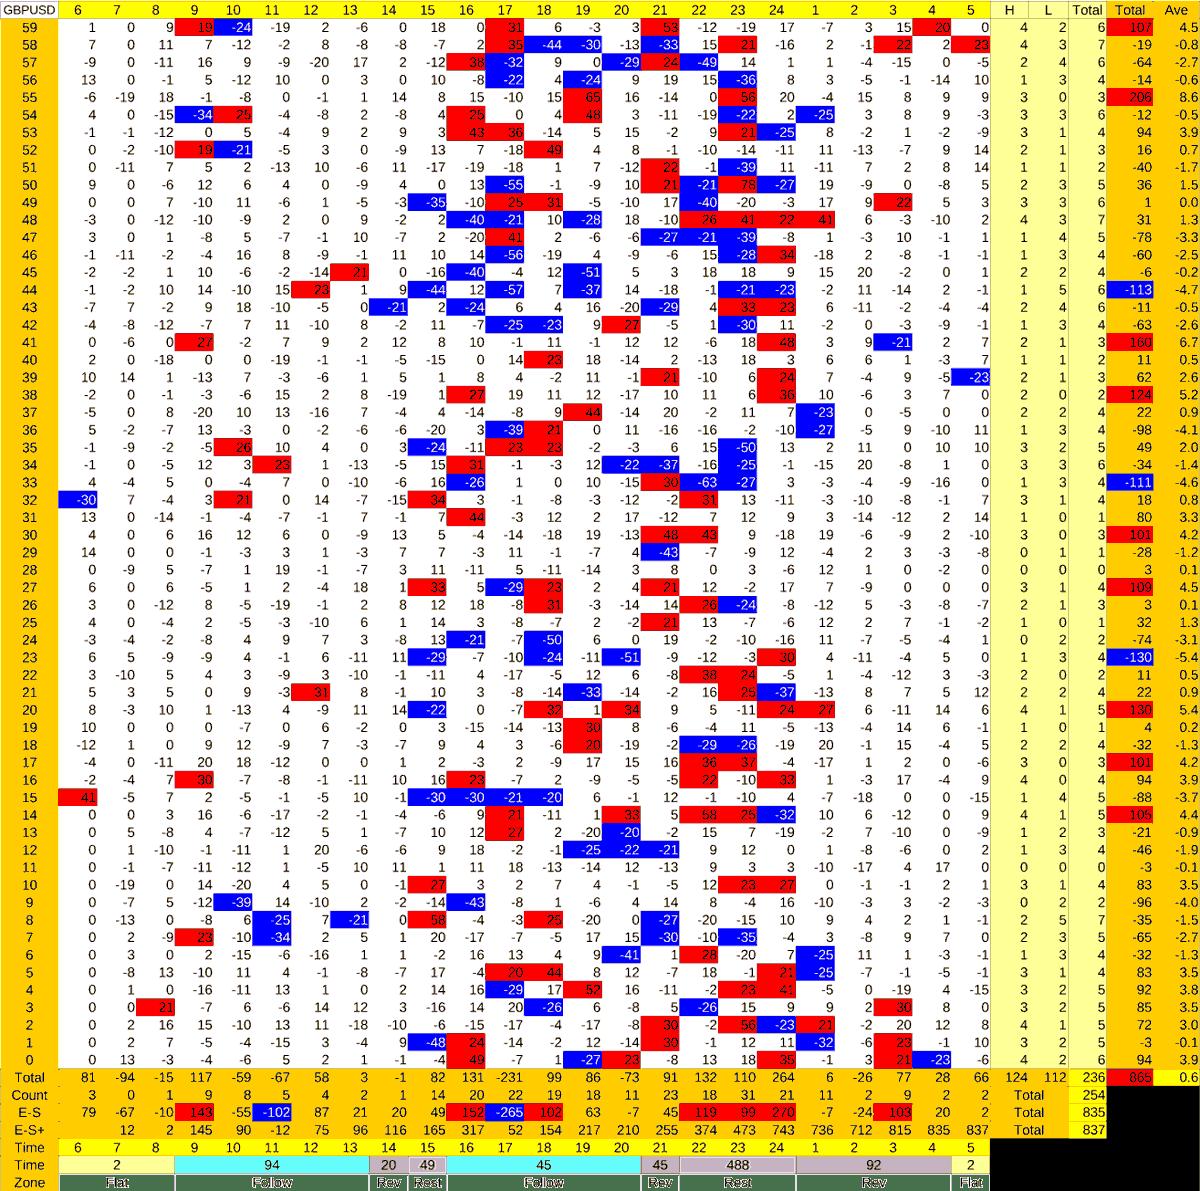 20210520_HS(2)GBPUSD